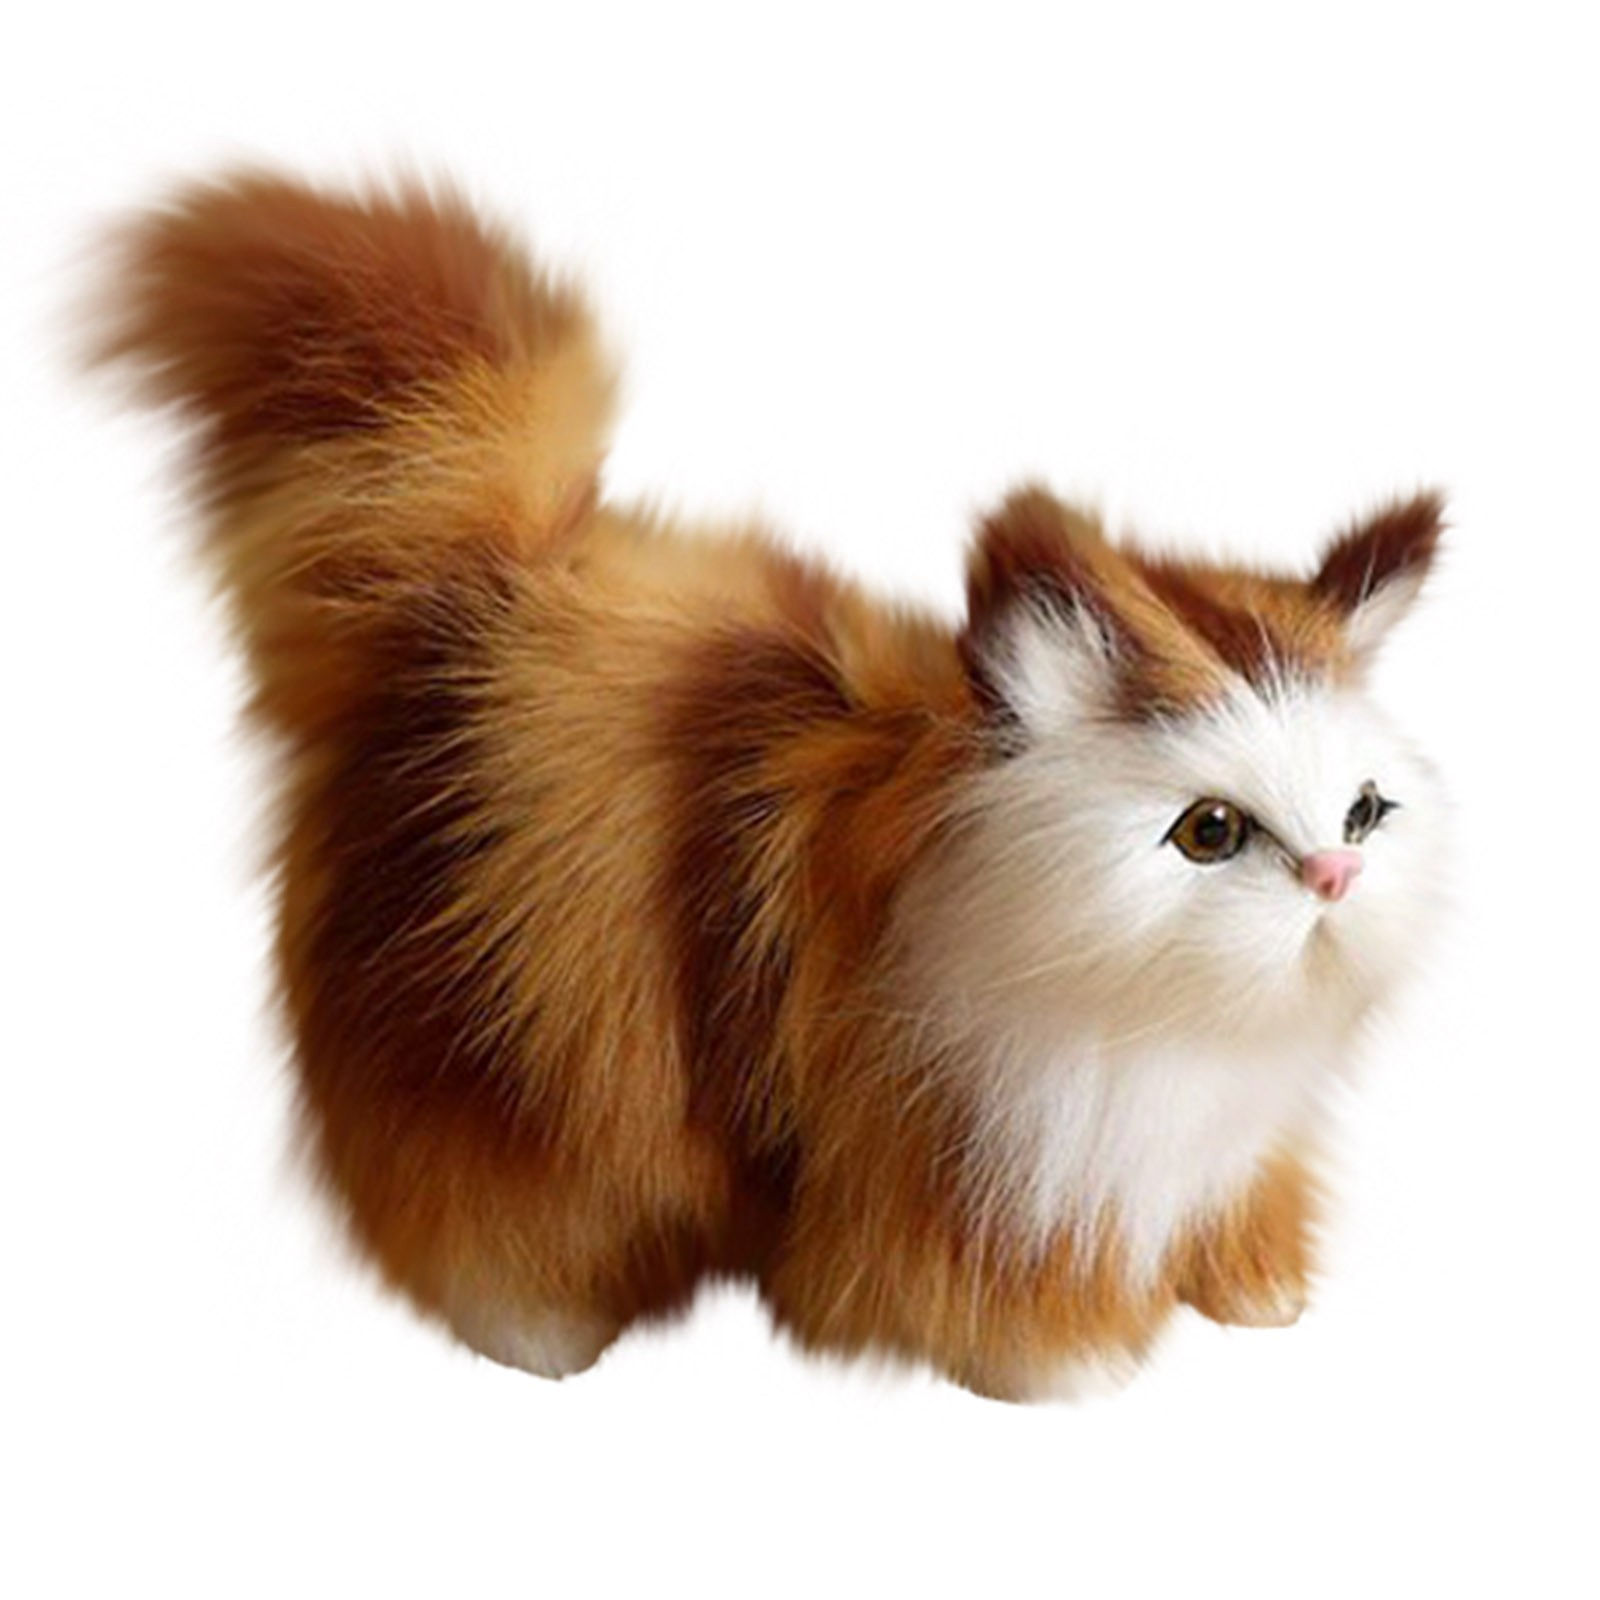 Плюшевые игрушки животных кошка кукла моделирование кошка плюшевые игрушки Игрушка-симулятор животного детей футболка с длинными рукавам...